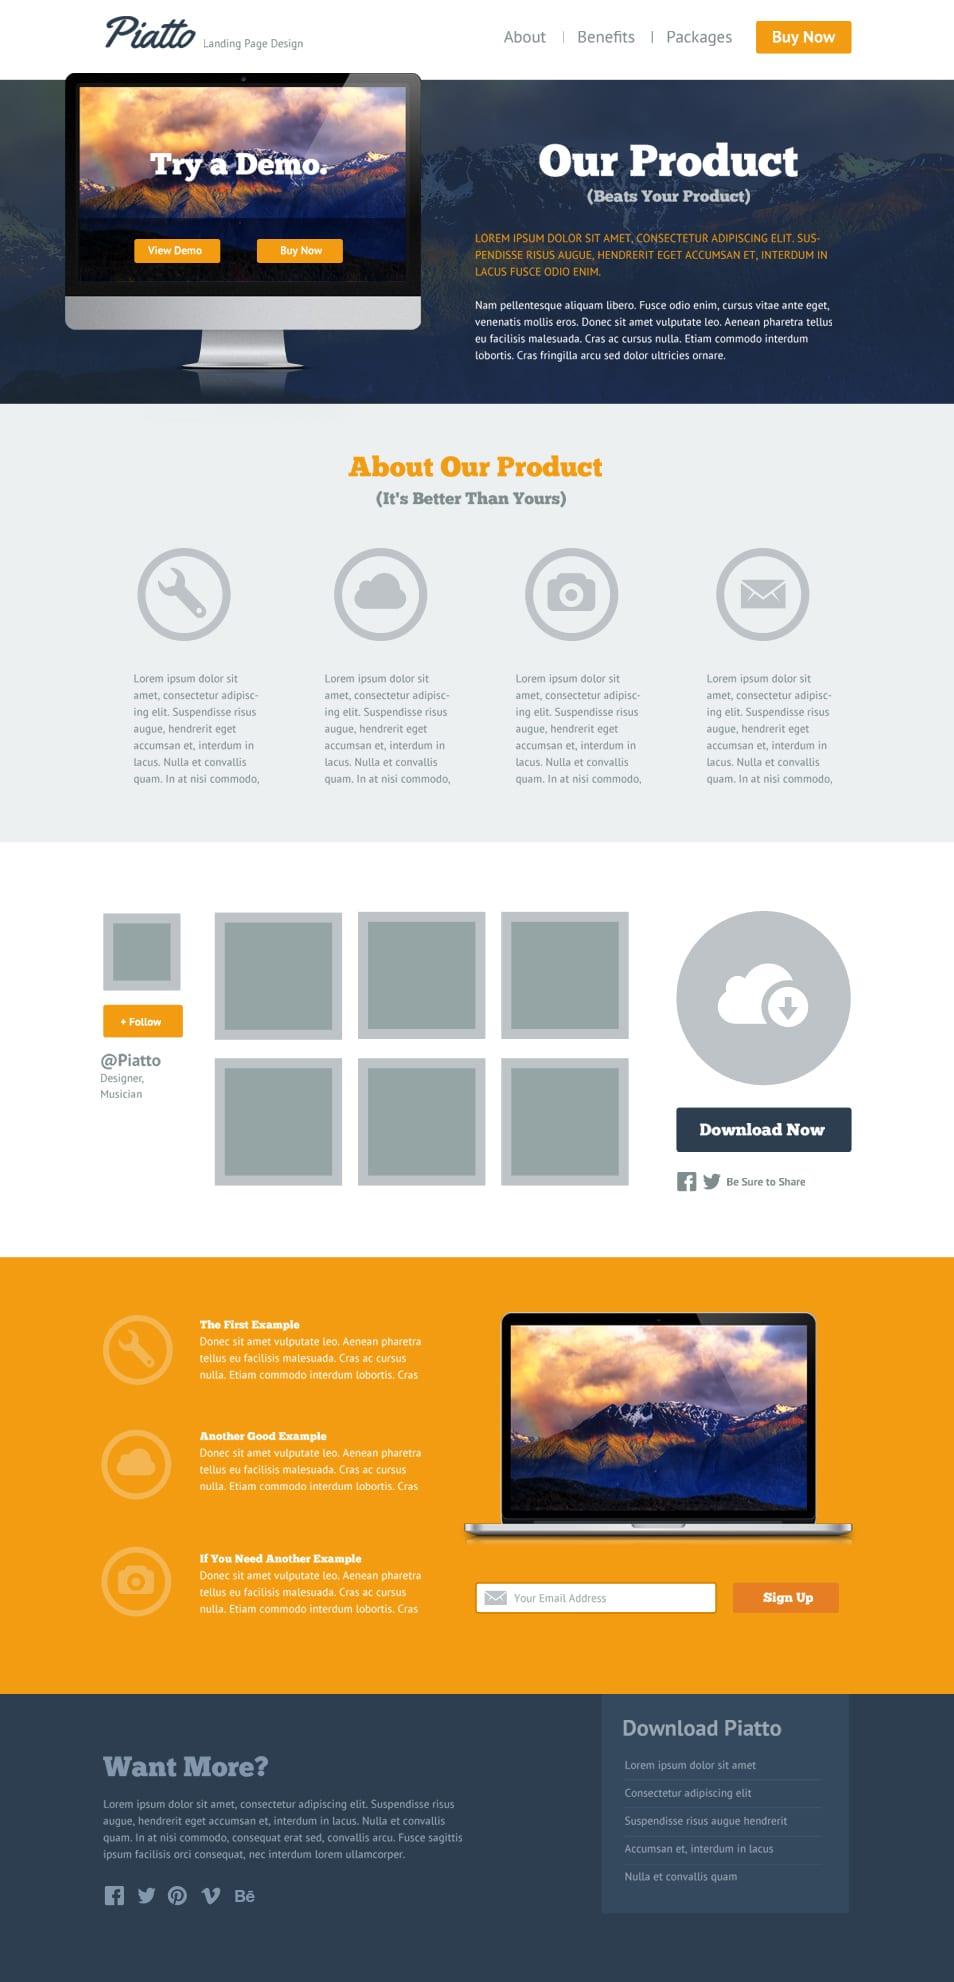 Piatto Free Flat Style Landing Page PSD